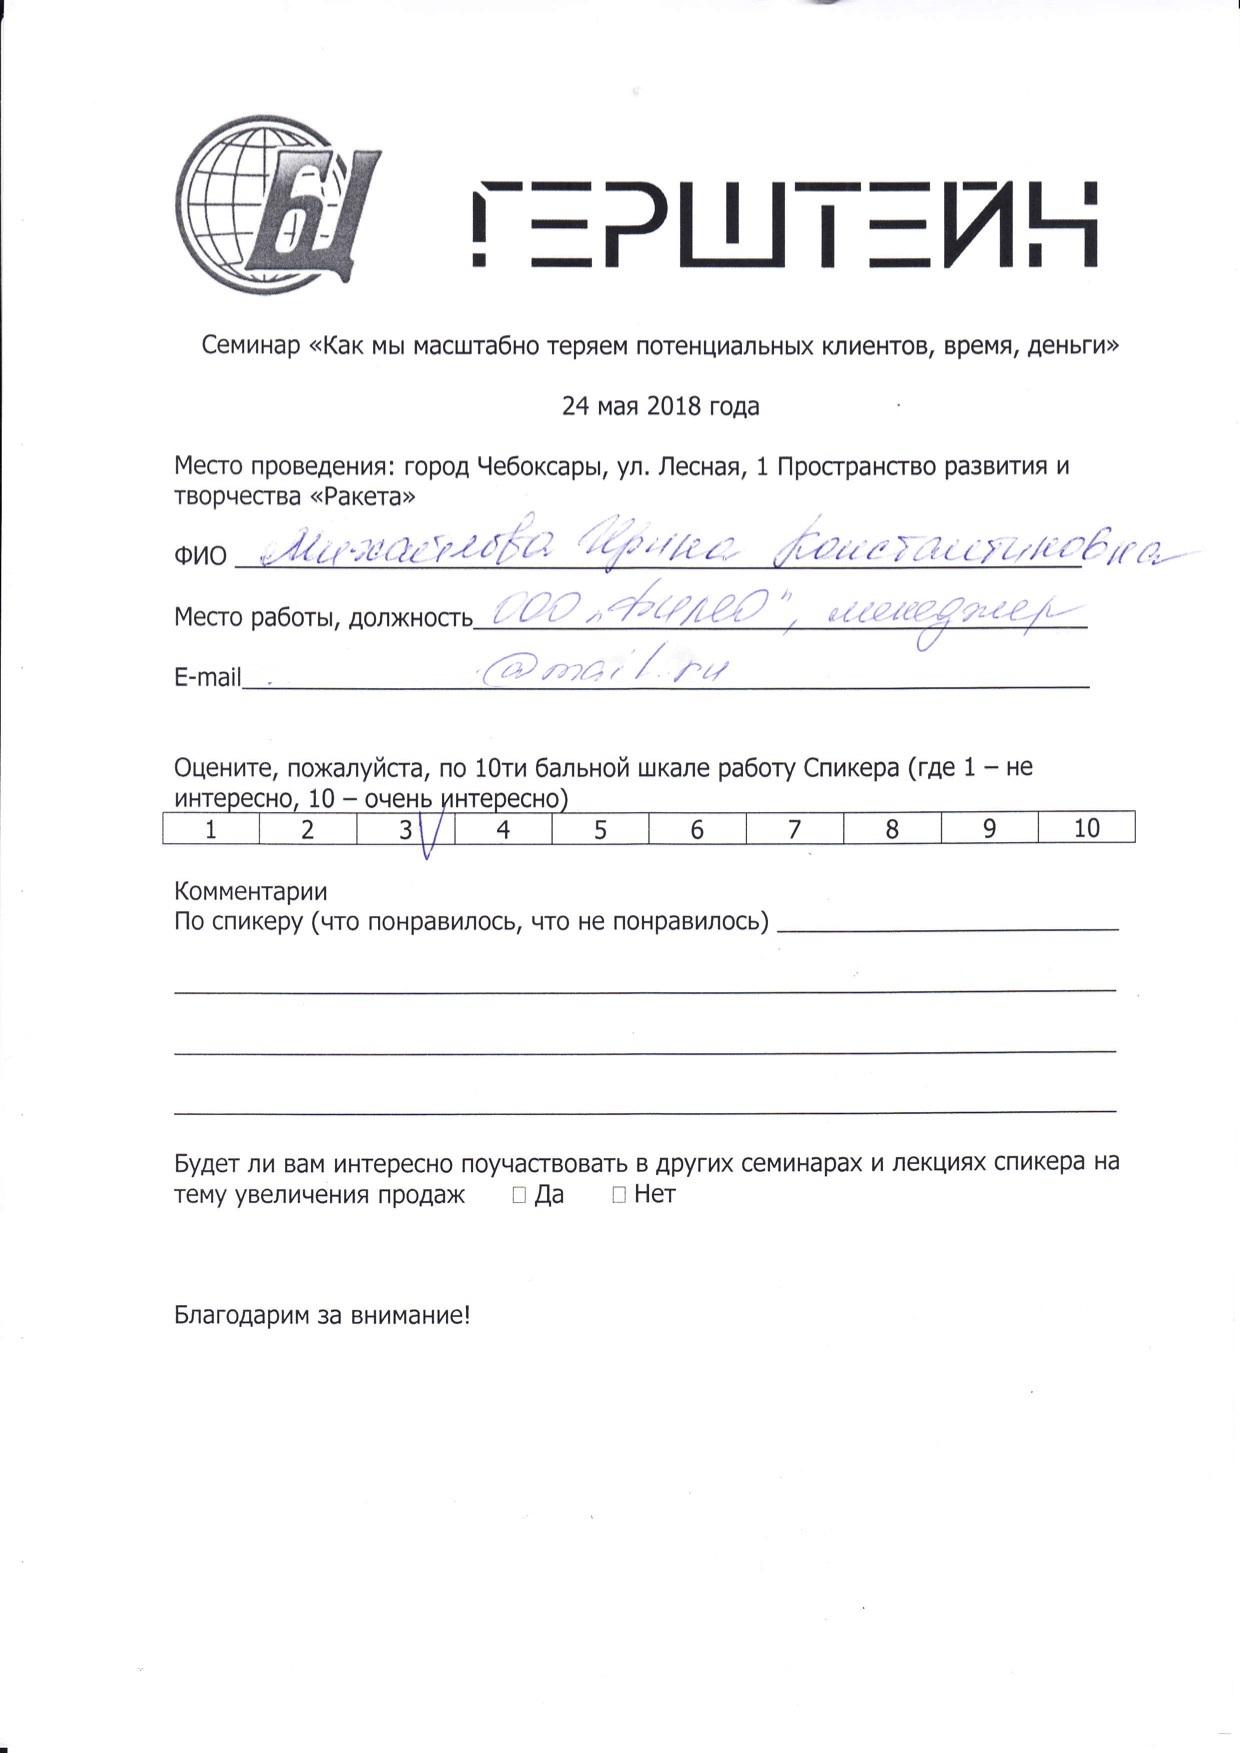 Отзыв Михайлова